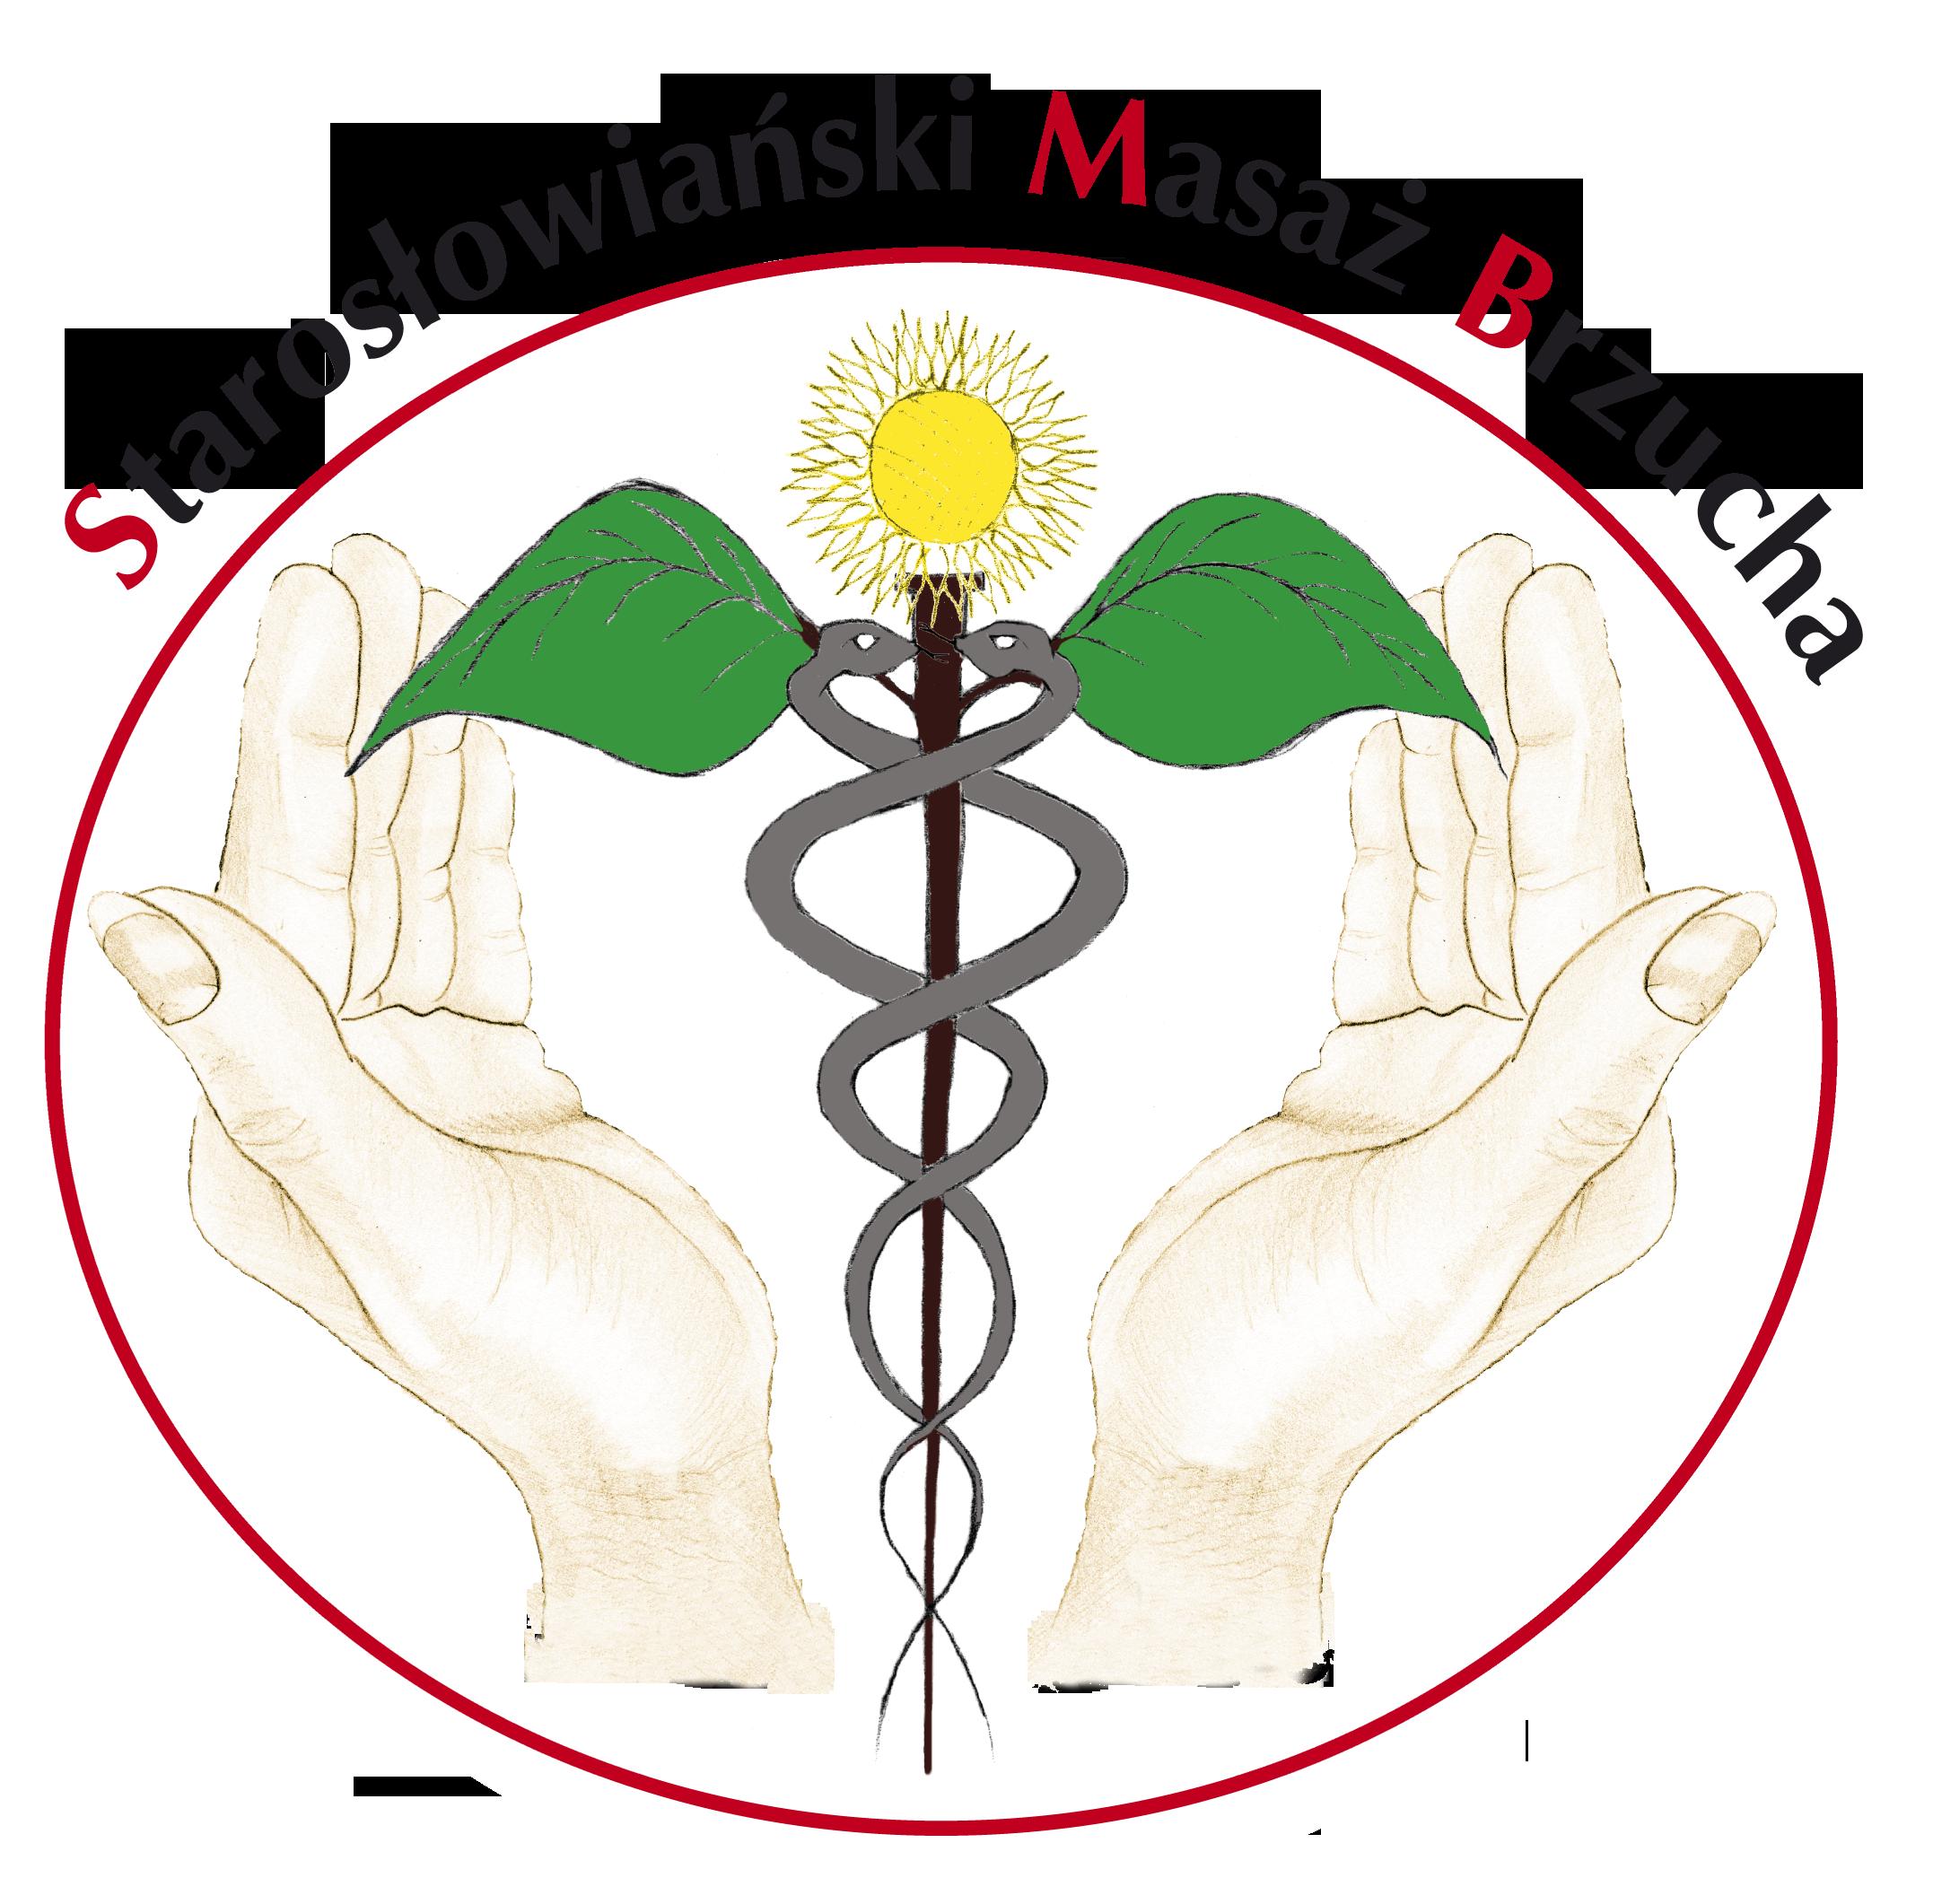 Starosłowiański masaż brzucha logo